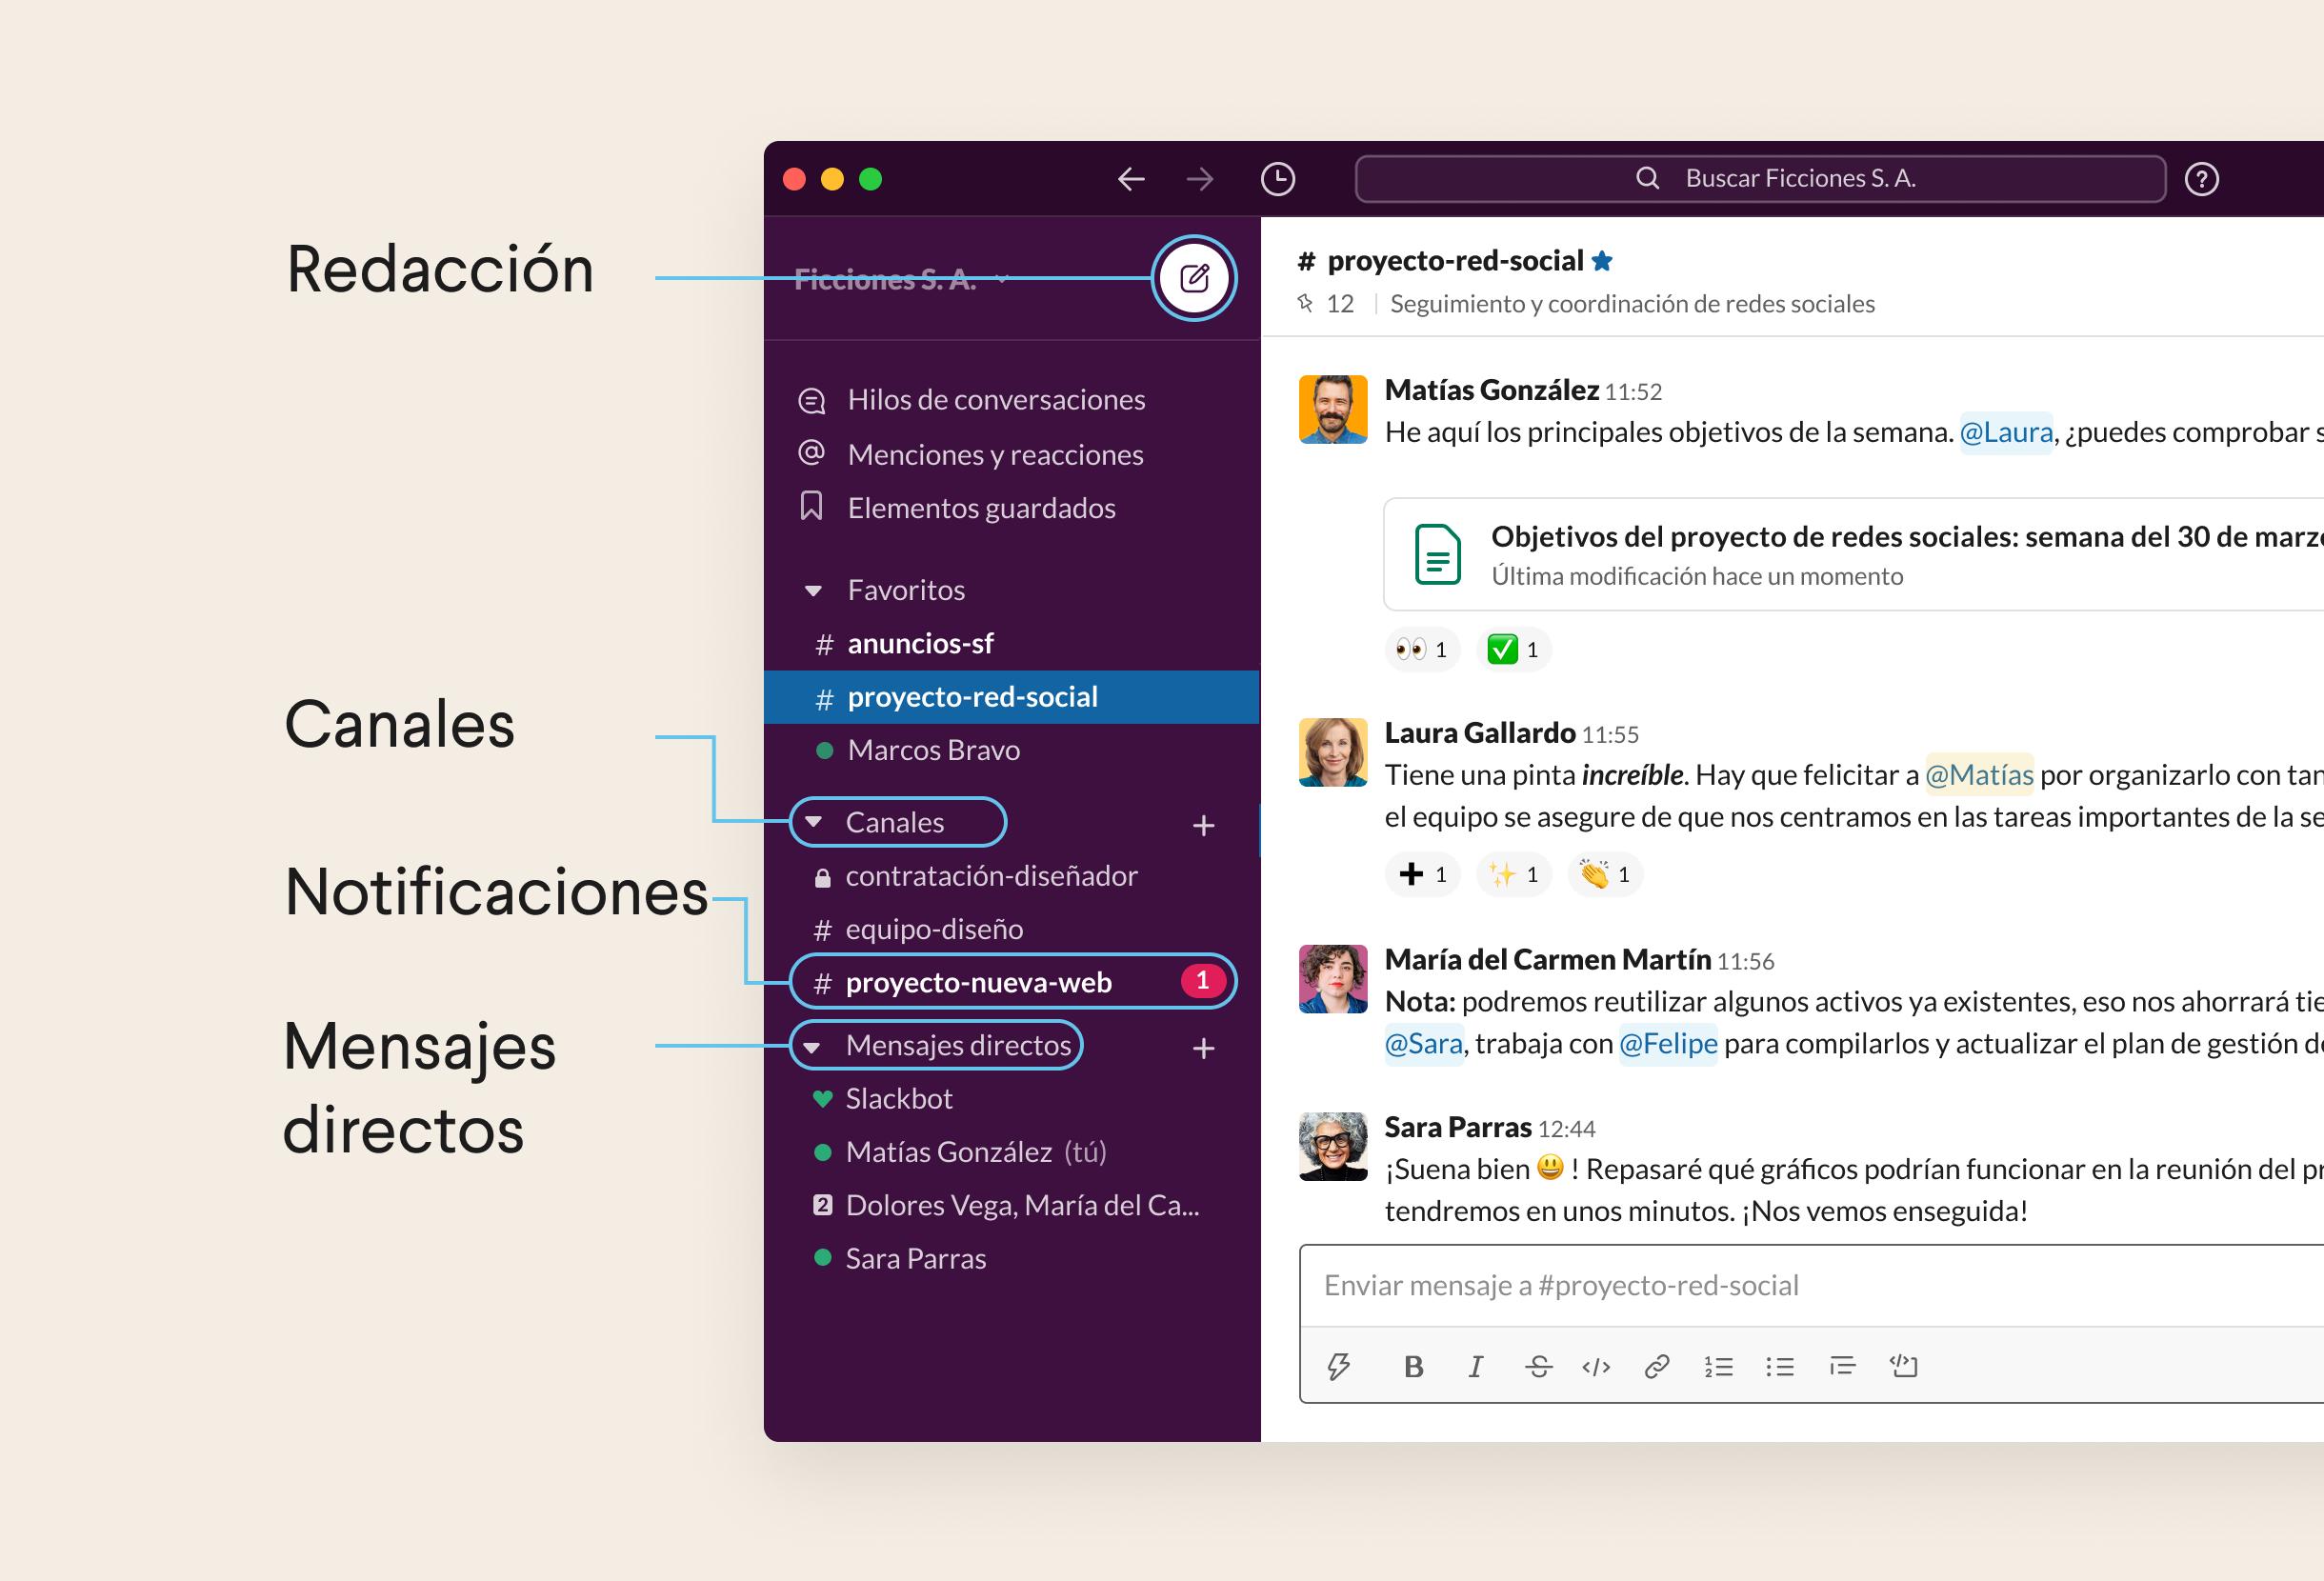 Lista de canales, mensajes directos y notificaciones en la barra lateral izquierda de Slack